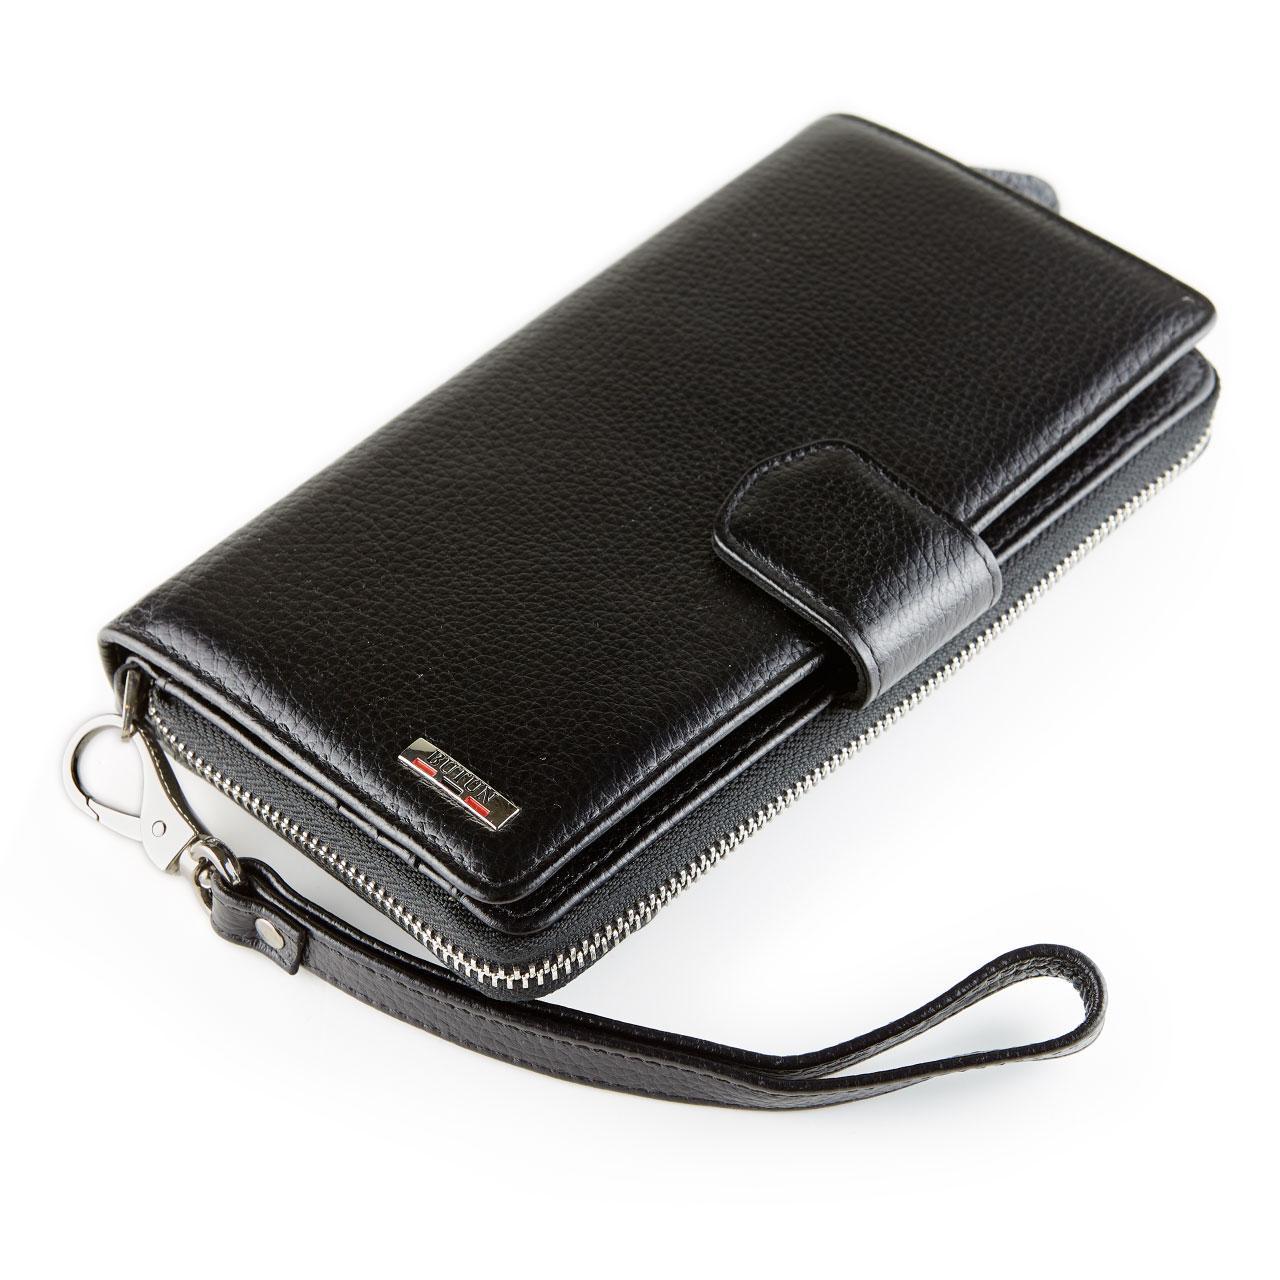 Женский кошелек клатч кожаный черный BUTUN 594-004-001